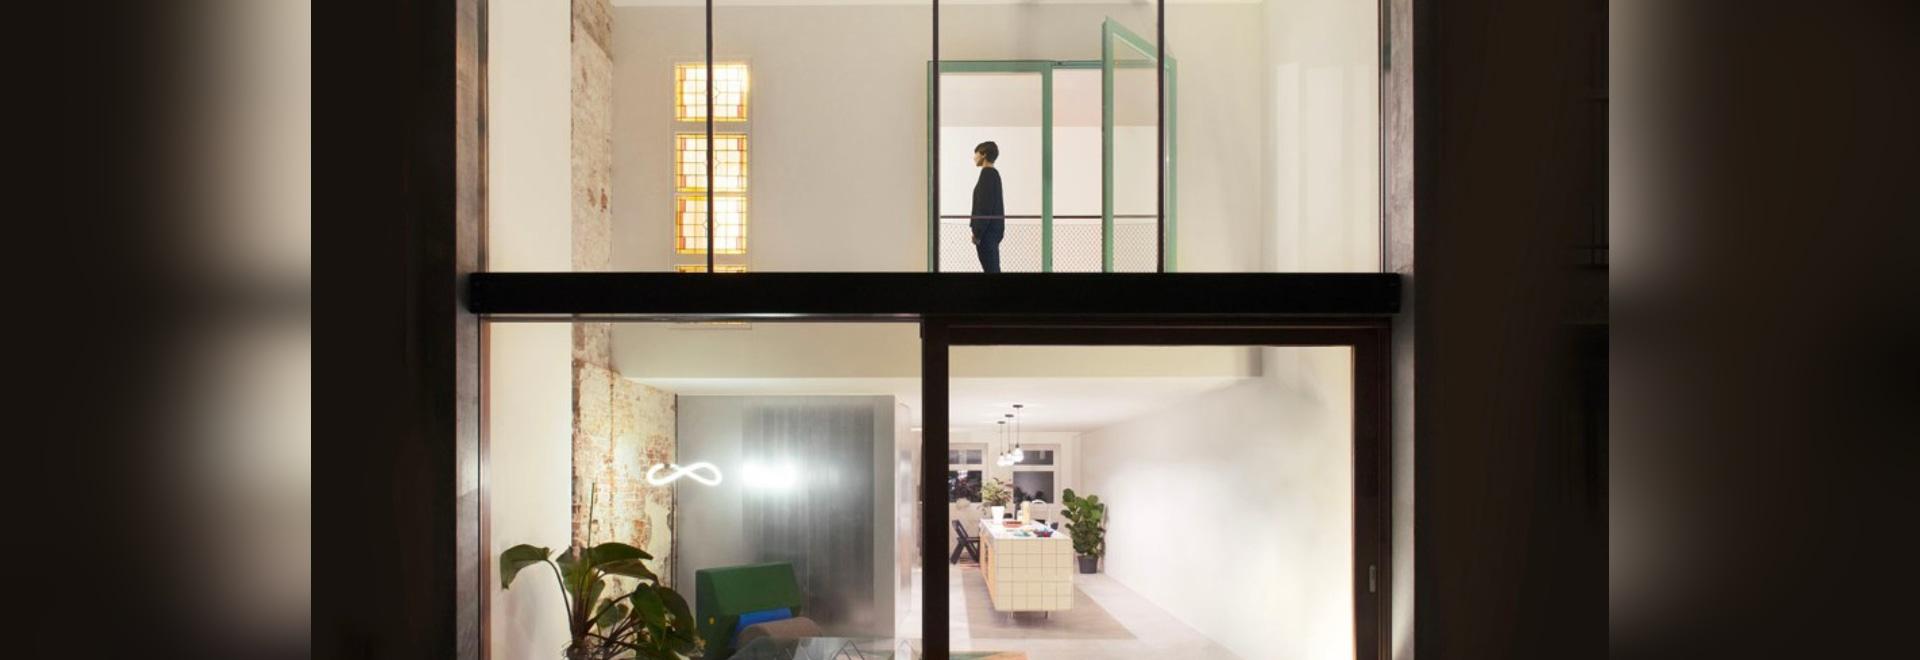 Matryoshka-Haus - Rotterdam, Netherlands